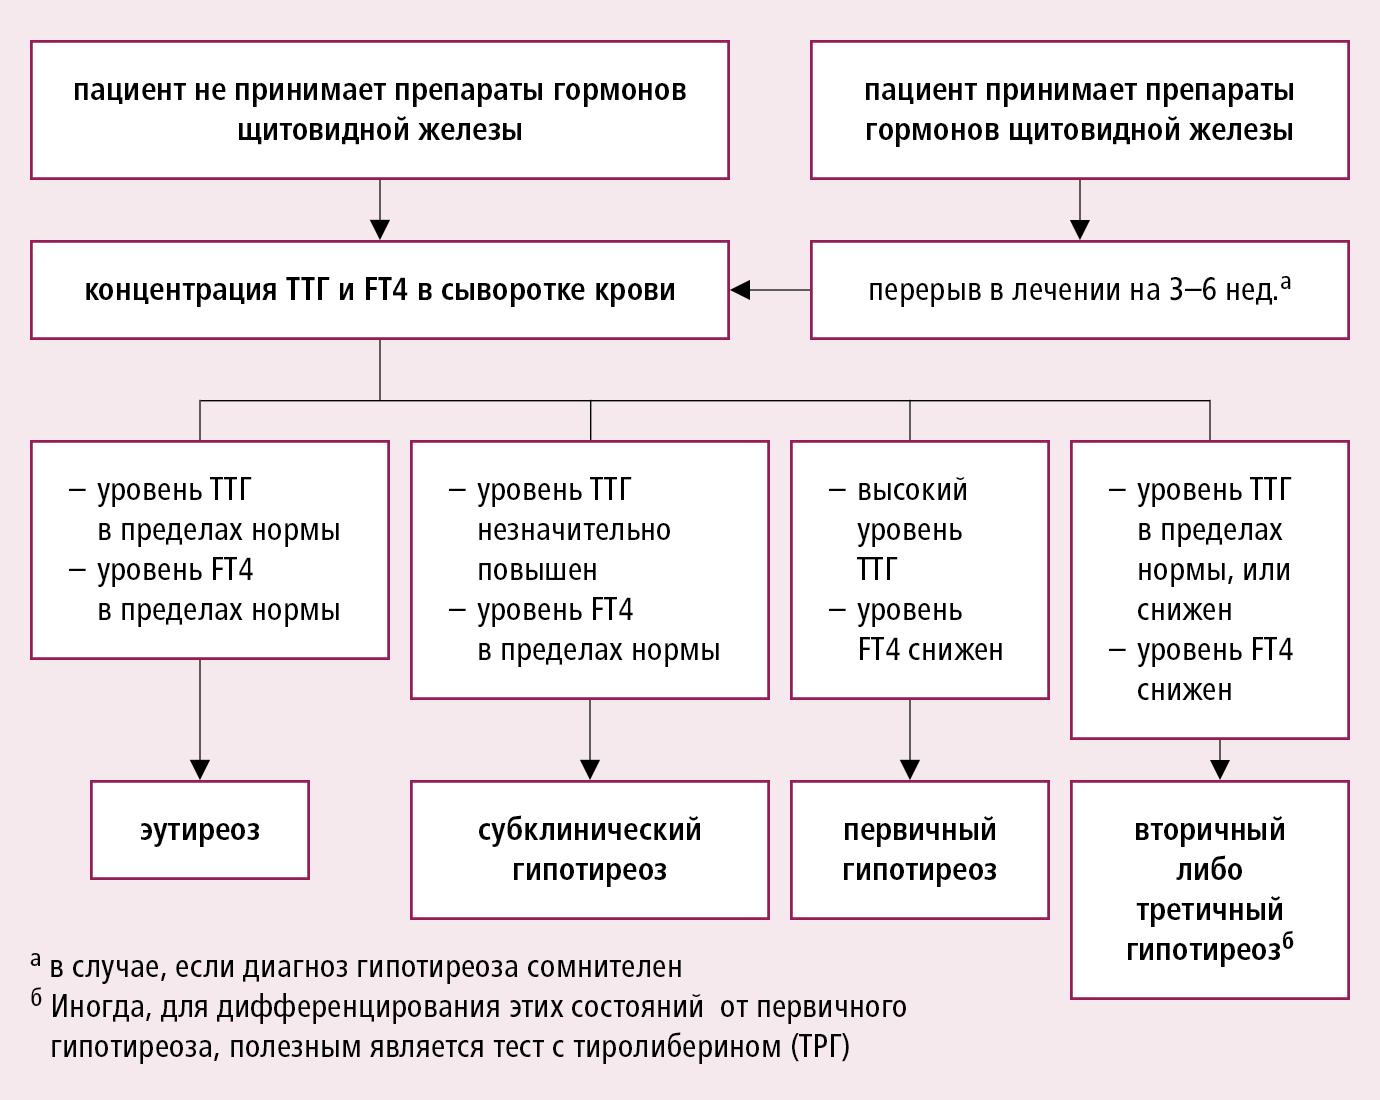 Алгоритм диагностики гипотиреоза согласно значениям ТТГ и FT4